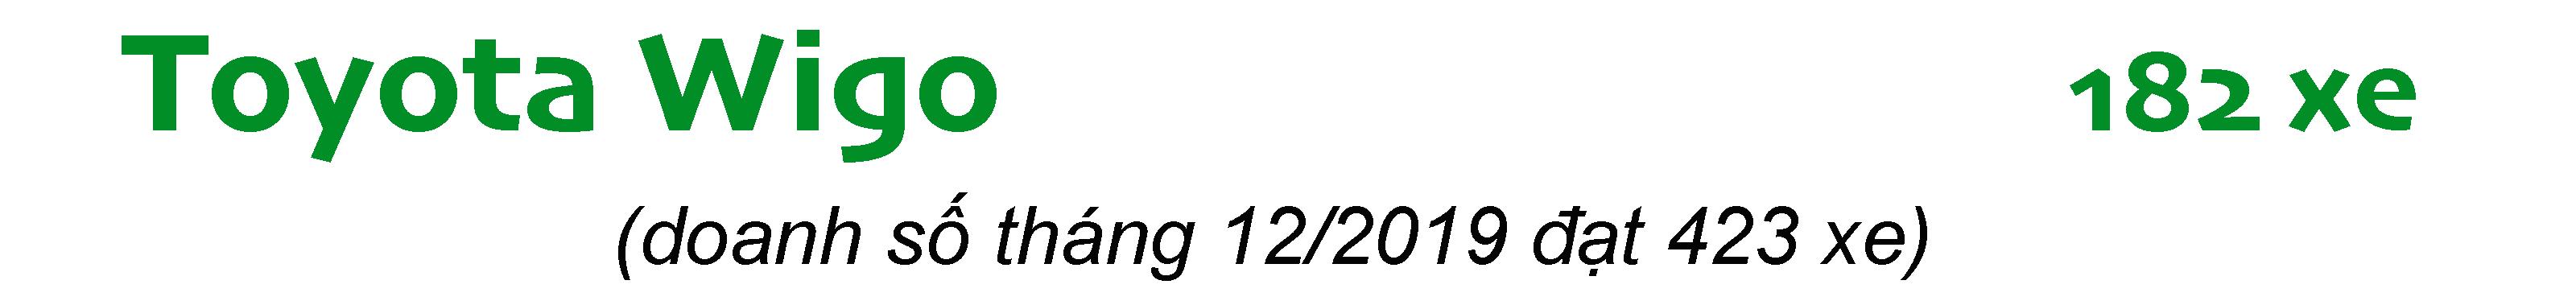 Phân khúc xe đô thị tháng 1/2020: Honda Brio vượt Toyota Wigo - 9